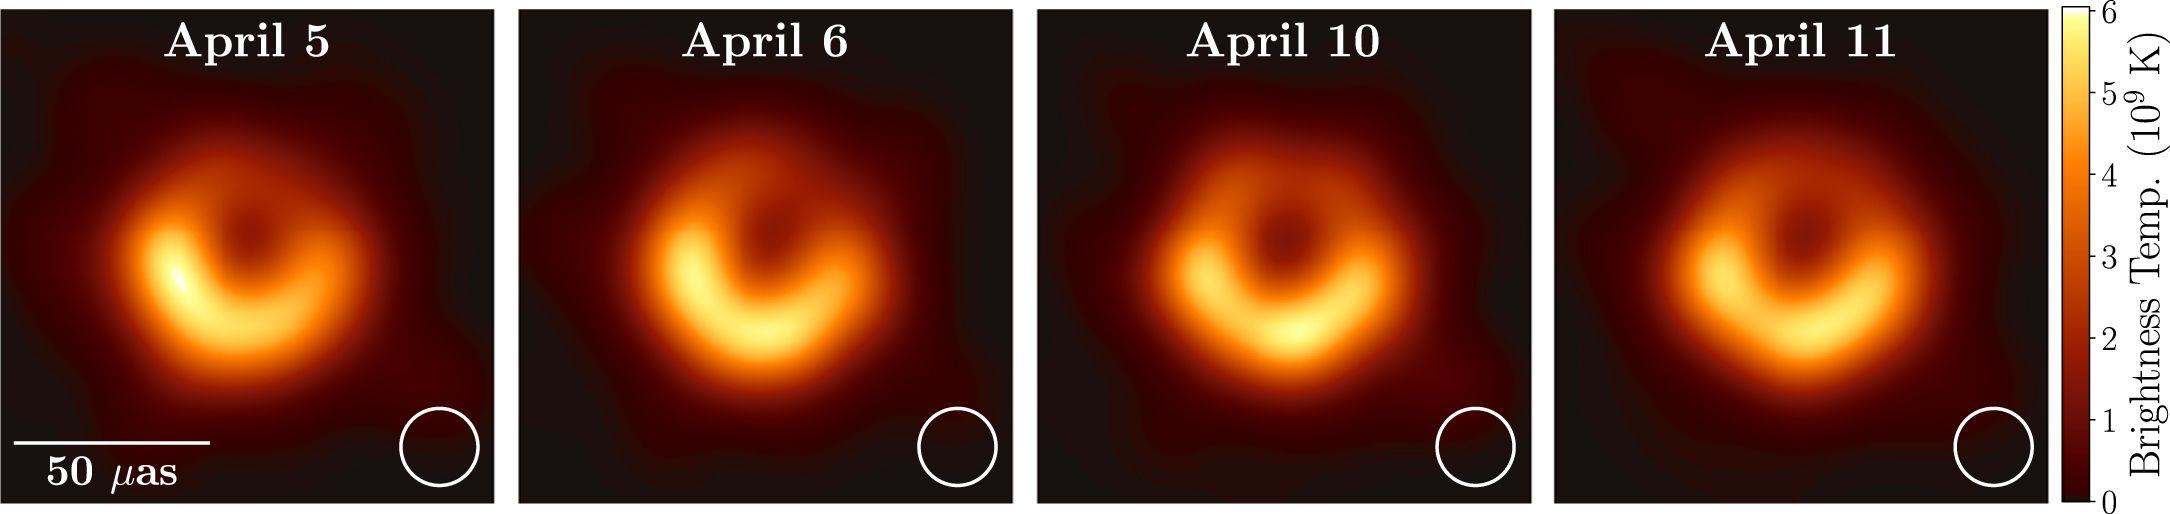 ブラックホール撮影成功 韓国の反応